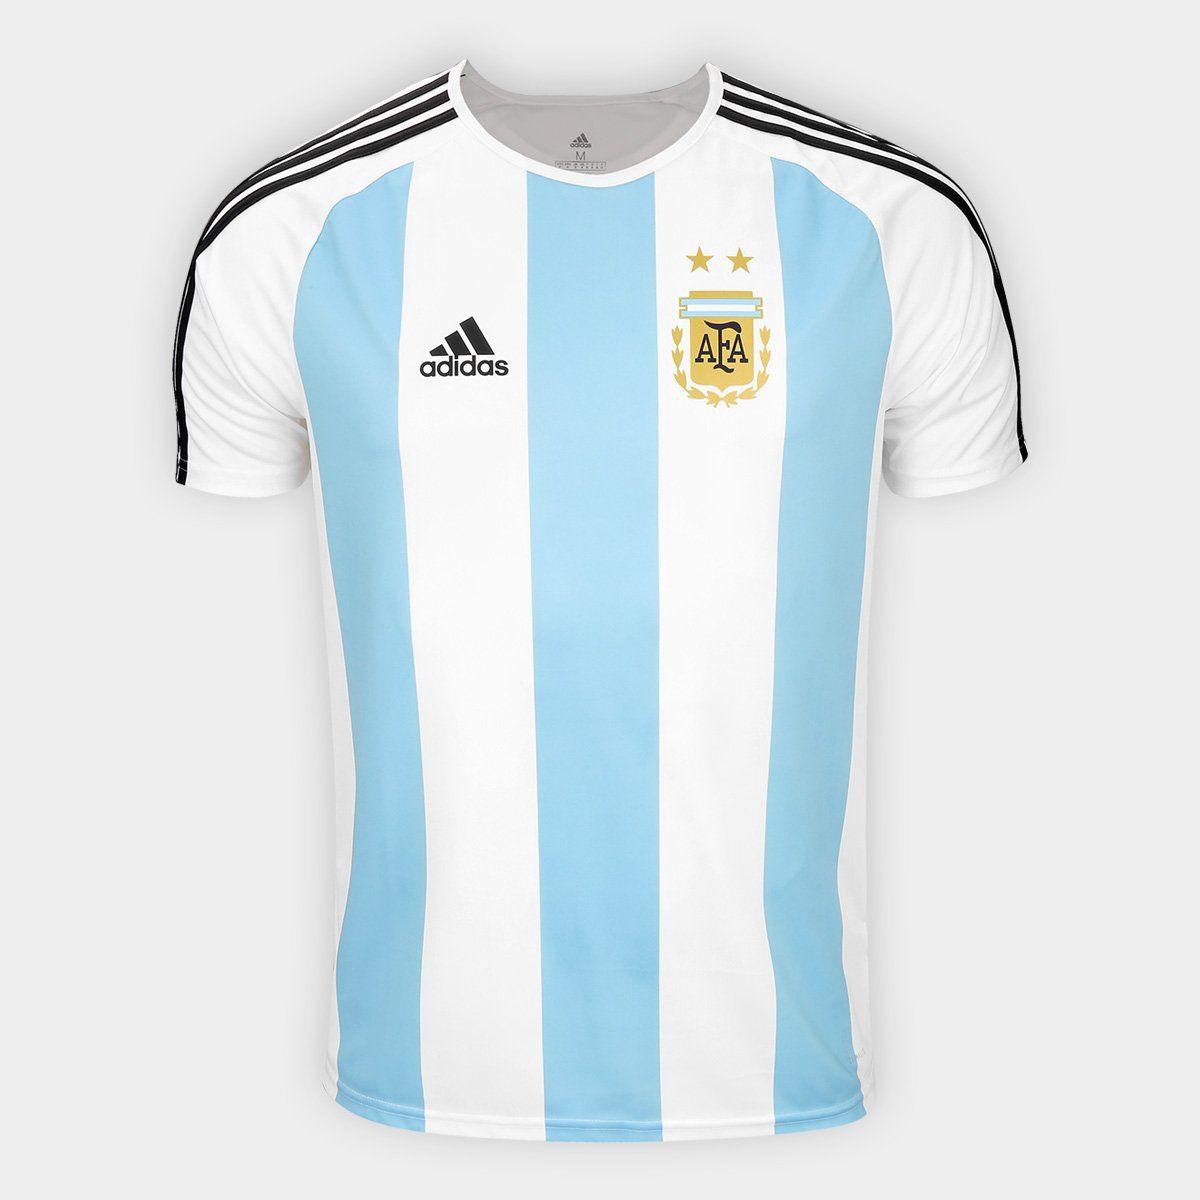 Camiseta Adidas Selección Argentina Fan Futbol Football Argentina Camiseta Camisetas Camiseta Seleccion Adidas